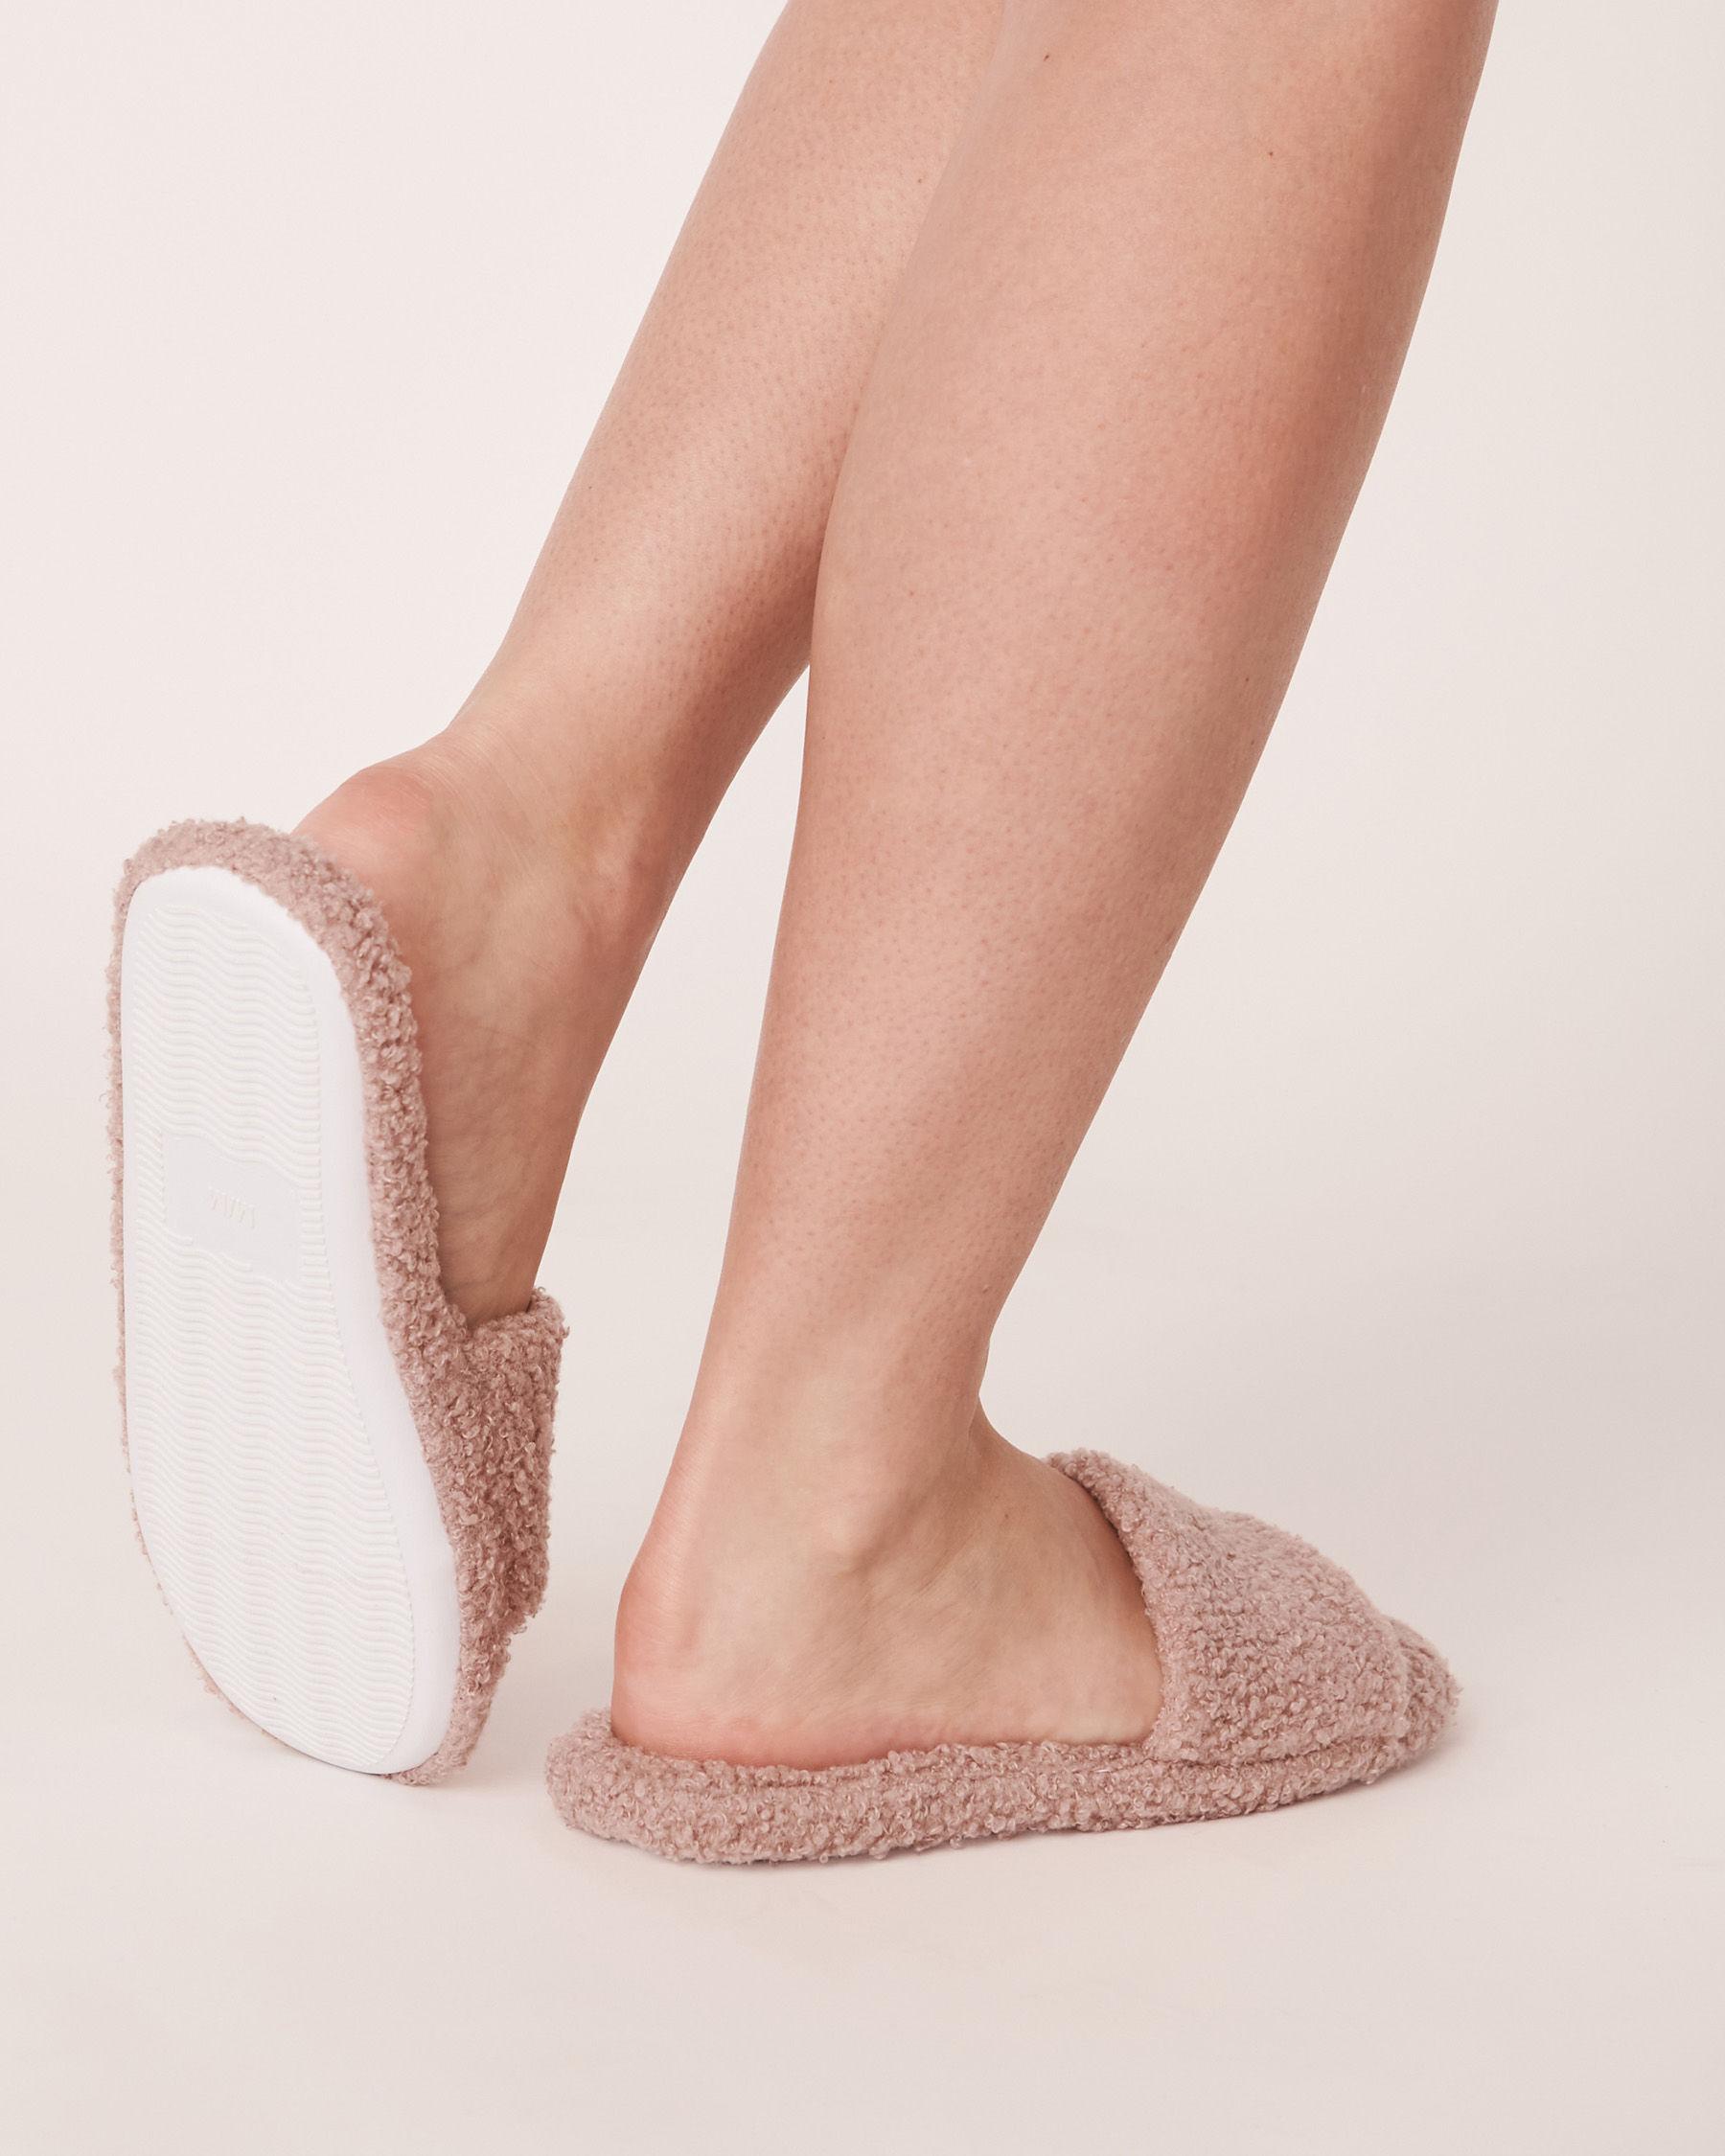 LA VIE EN ROSE Plush Open Slide Slippers Shadow grey 40700061 - View2